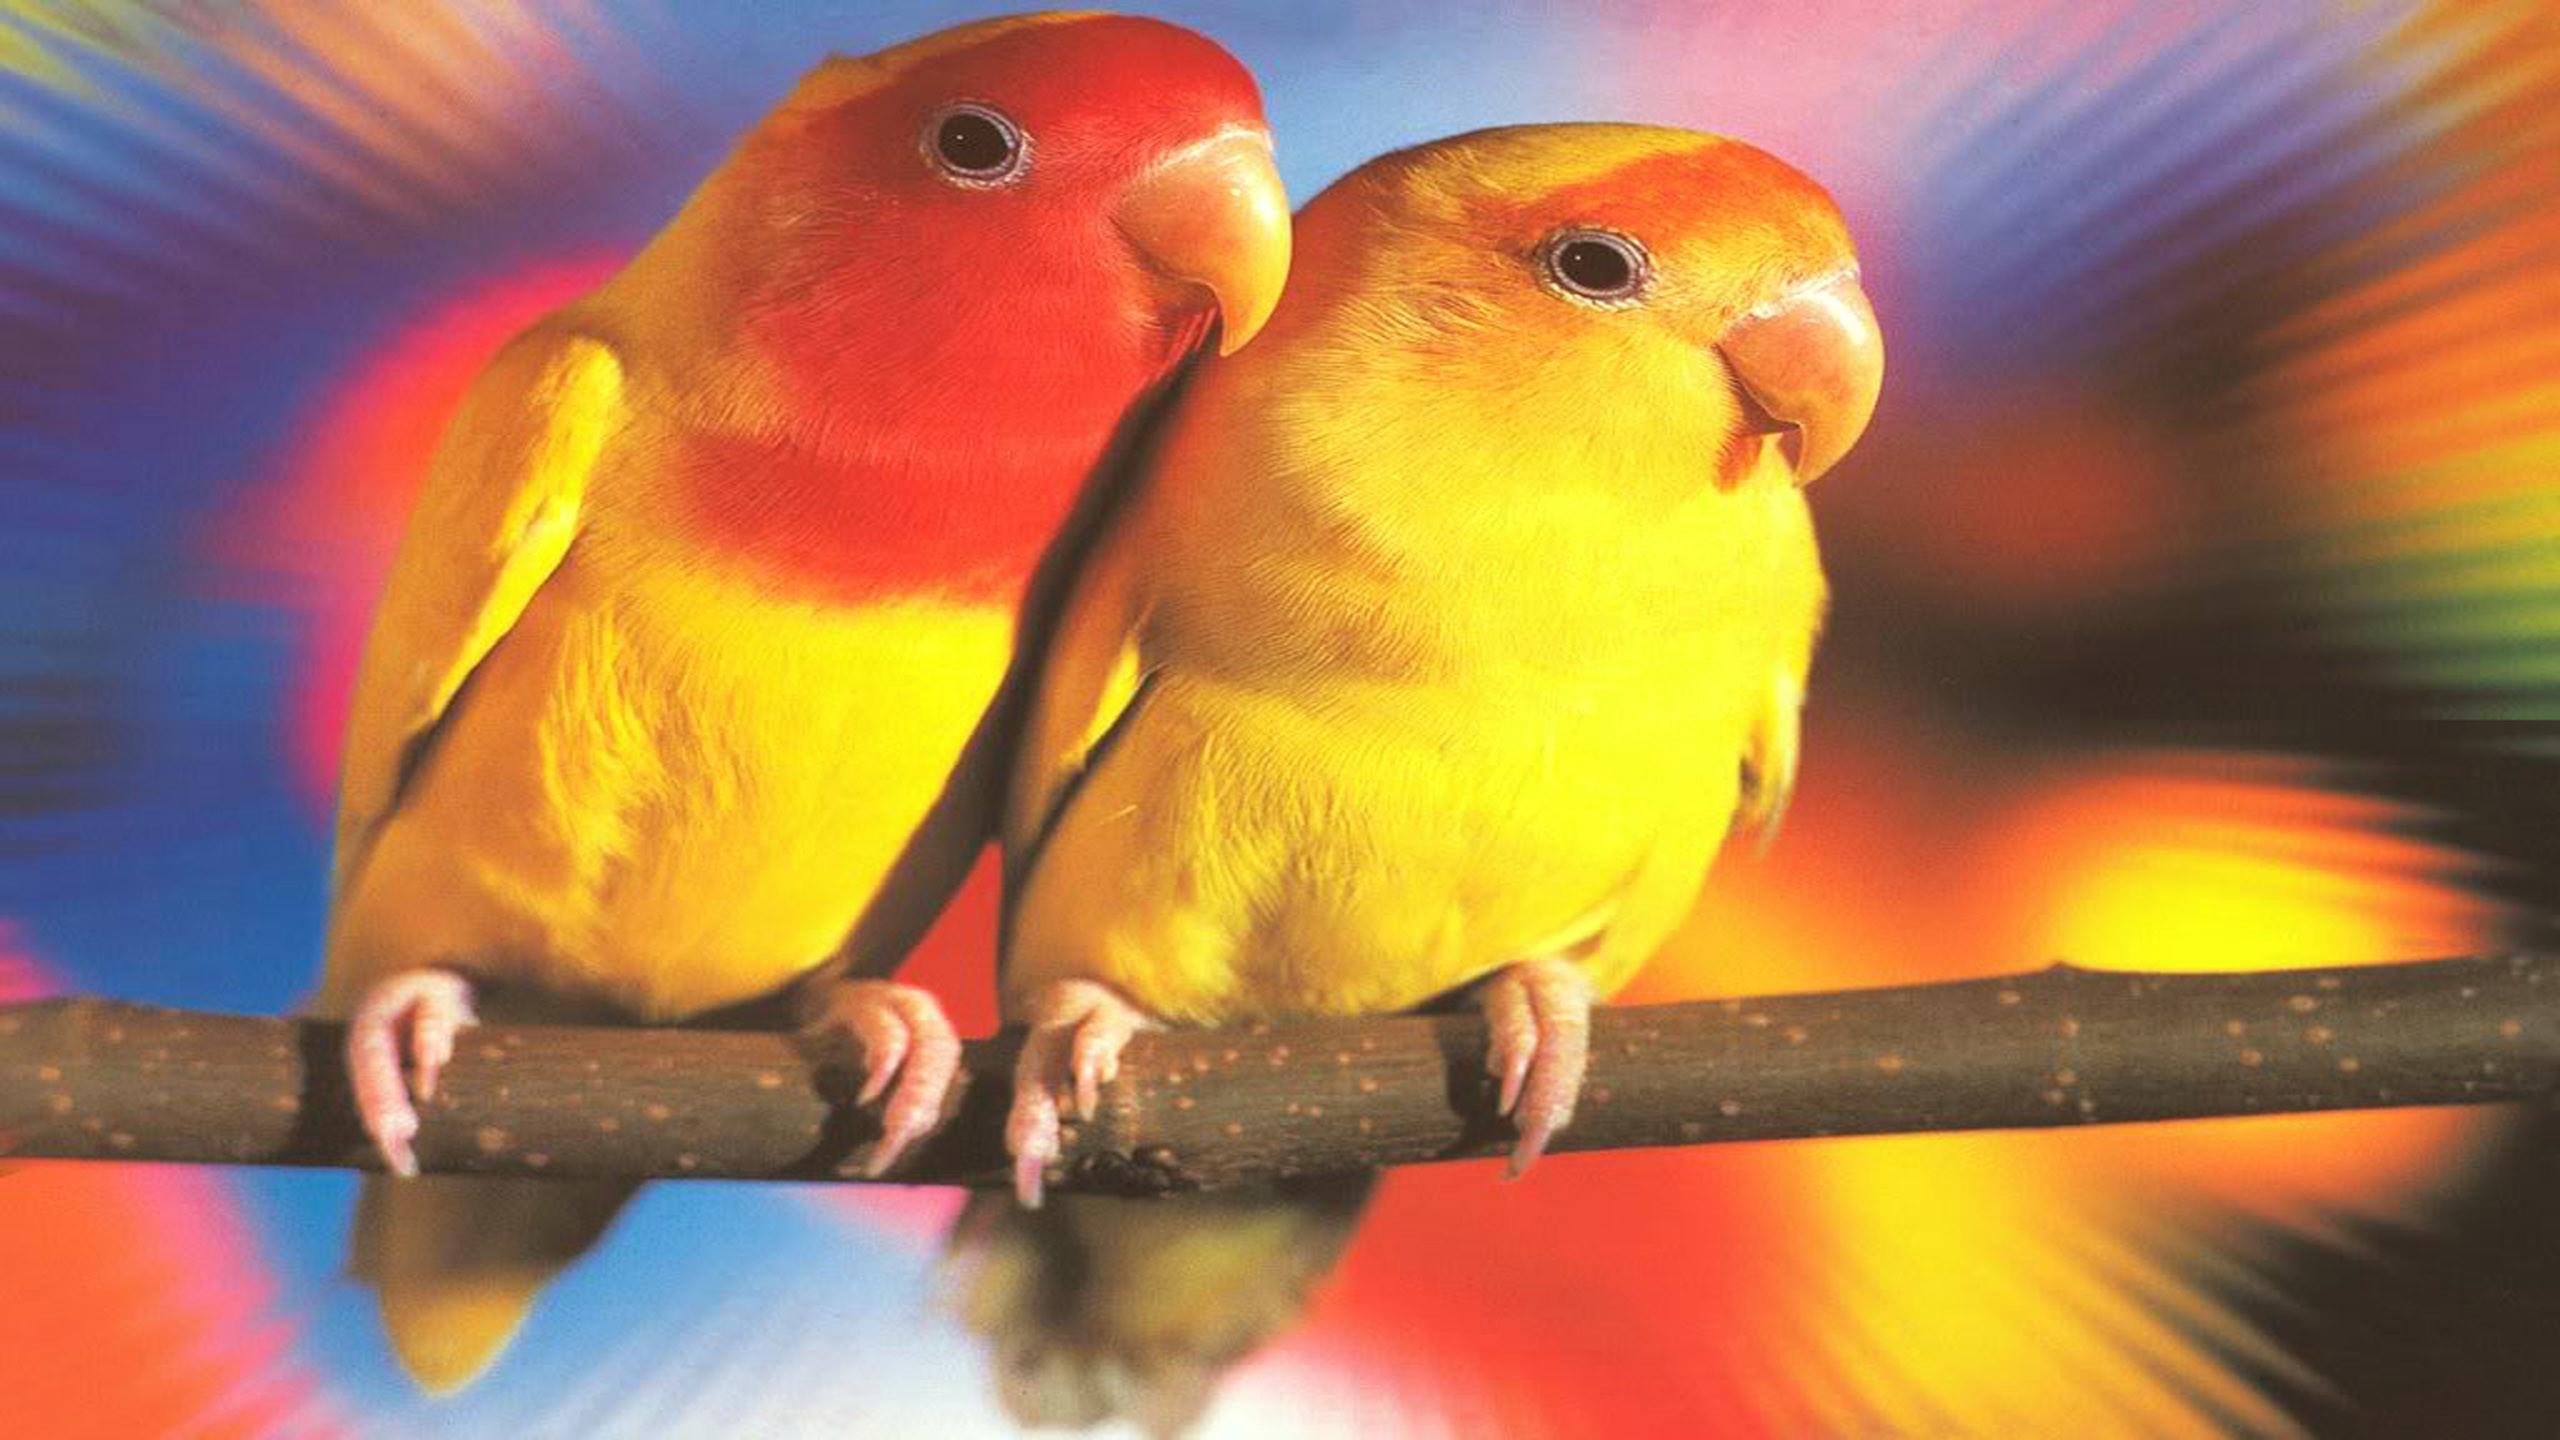 Wallpapers Love Birds Desktop Wallpapers: Lovebirds Wallpaper (56+ Images